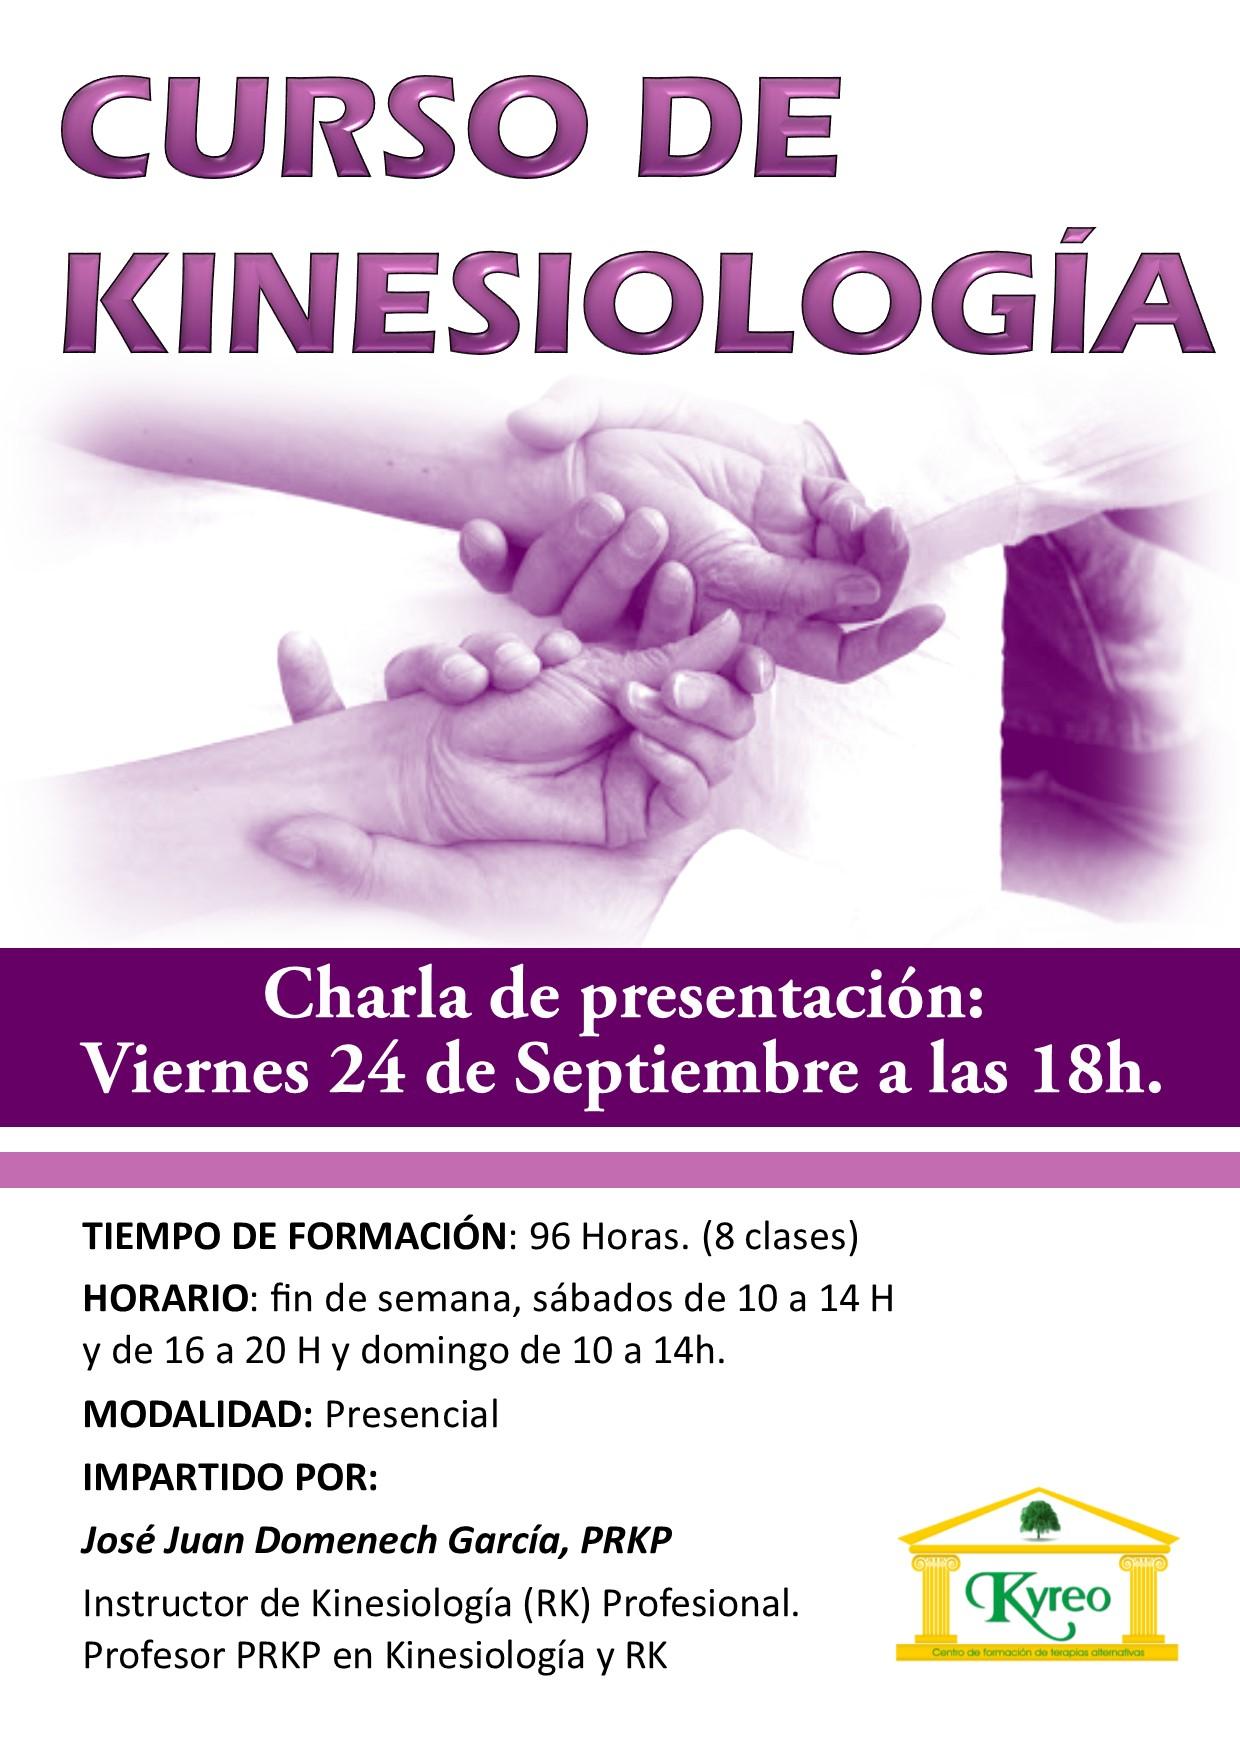 Charla Presentación curso de Kinesiología